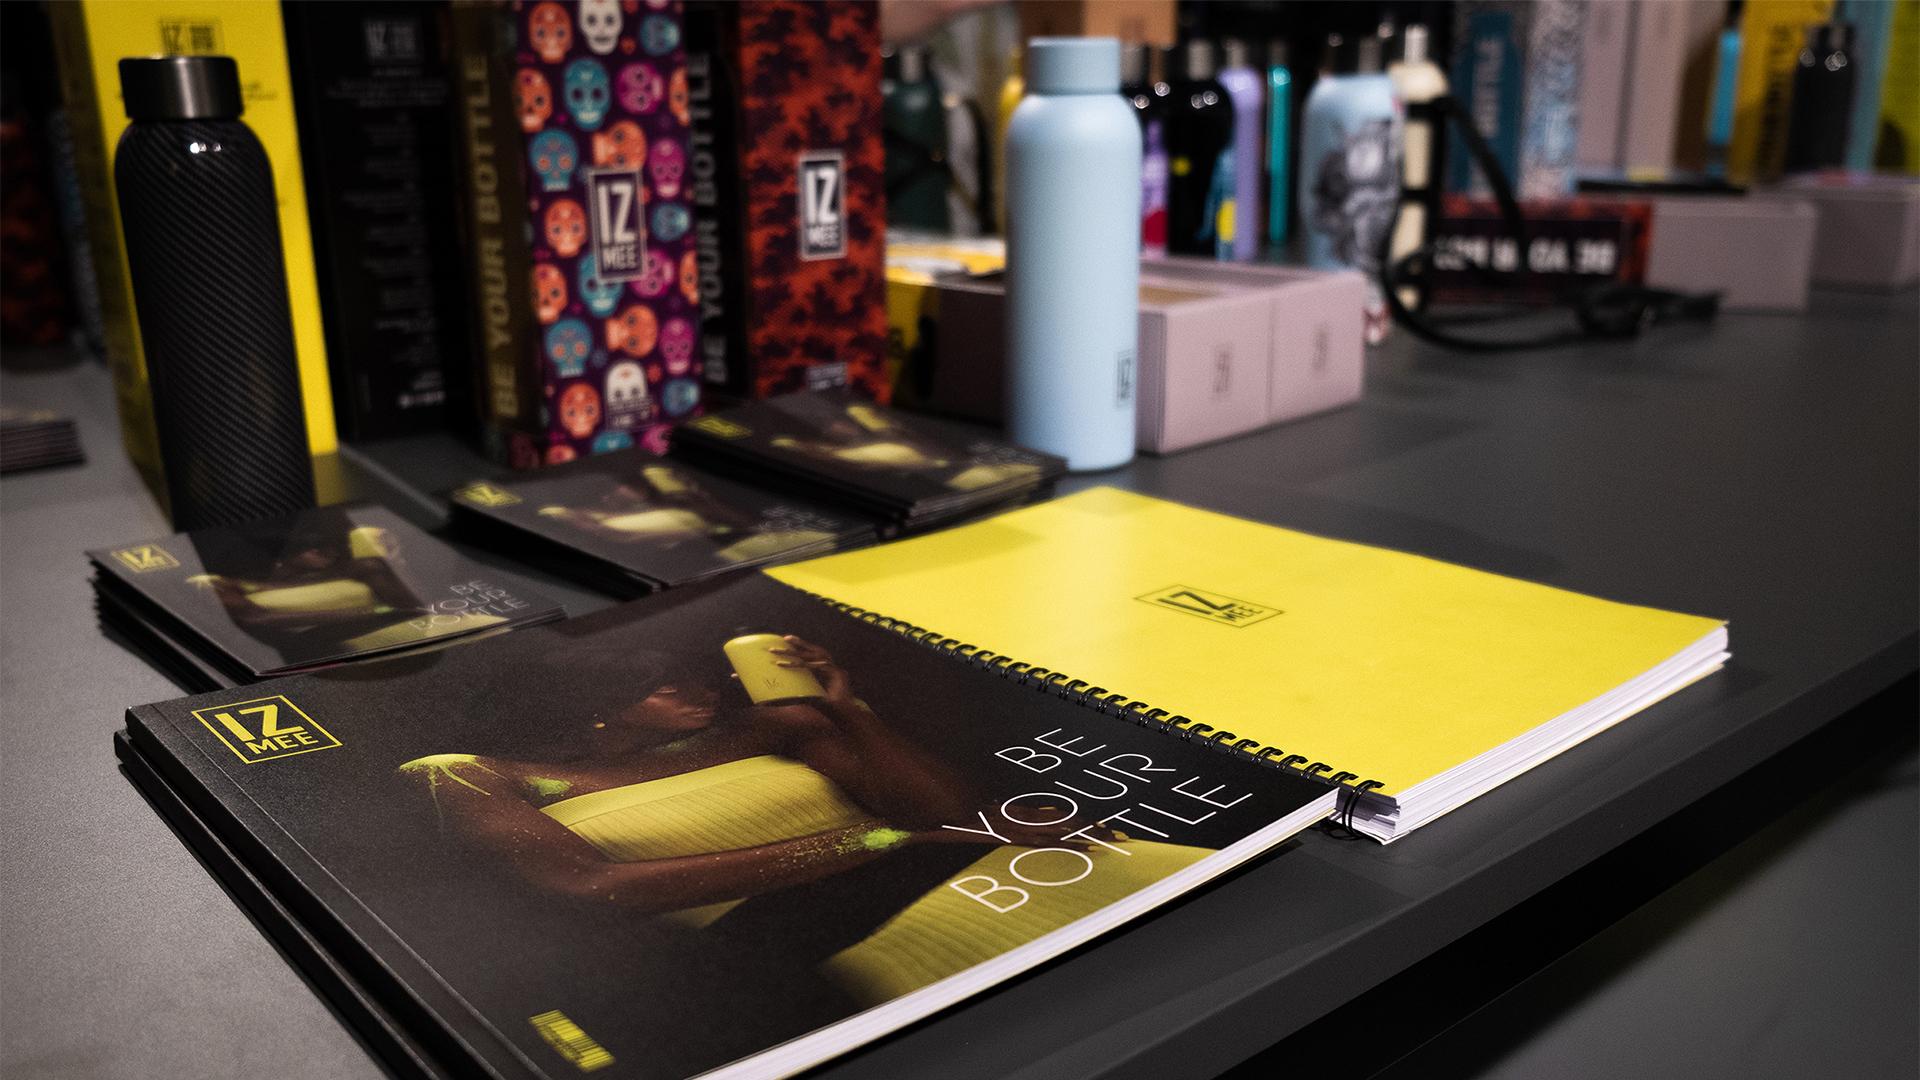 tavolo con riviste e borracce